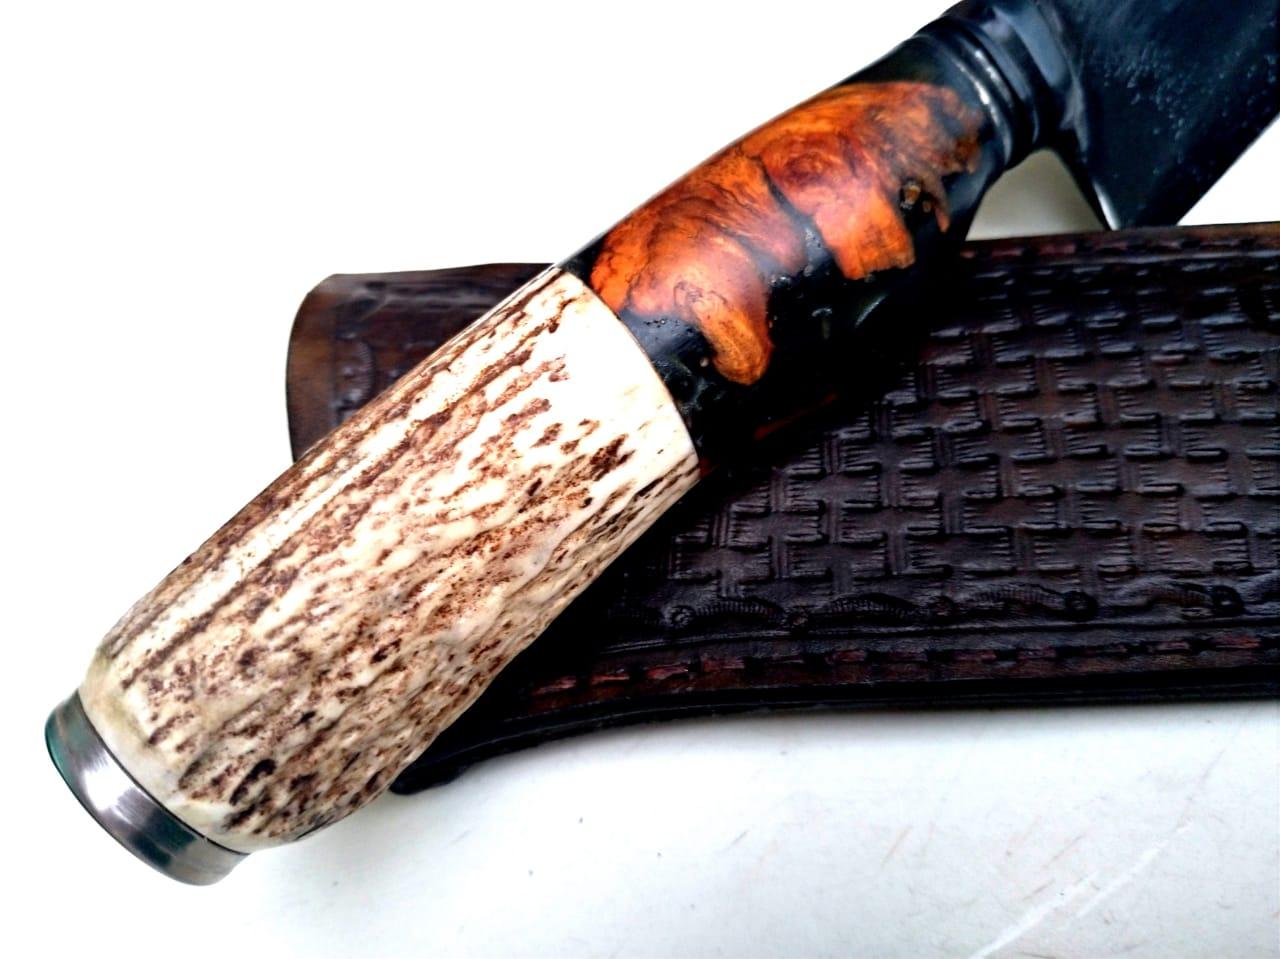 Faca artesanal forjada zaino  cabo burl maple e cervo 11 polegadas